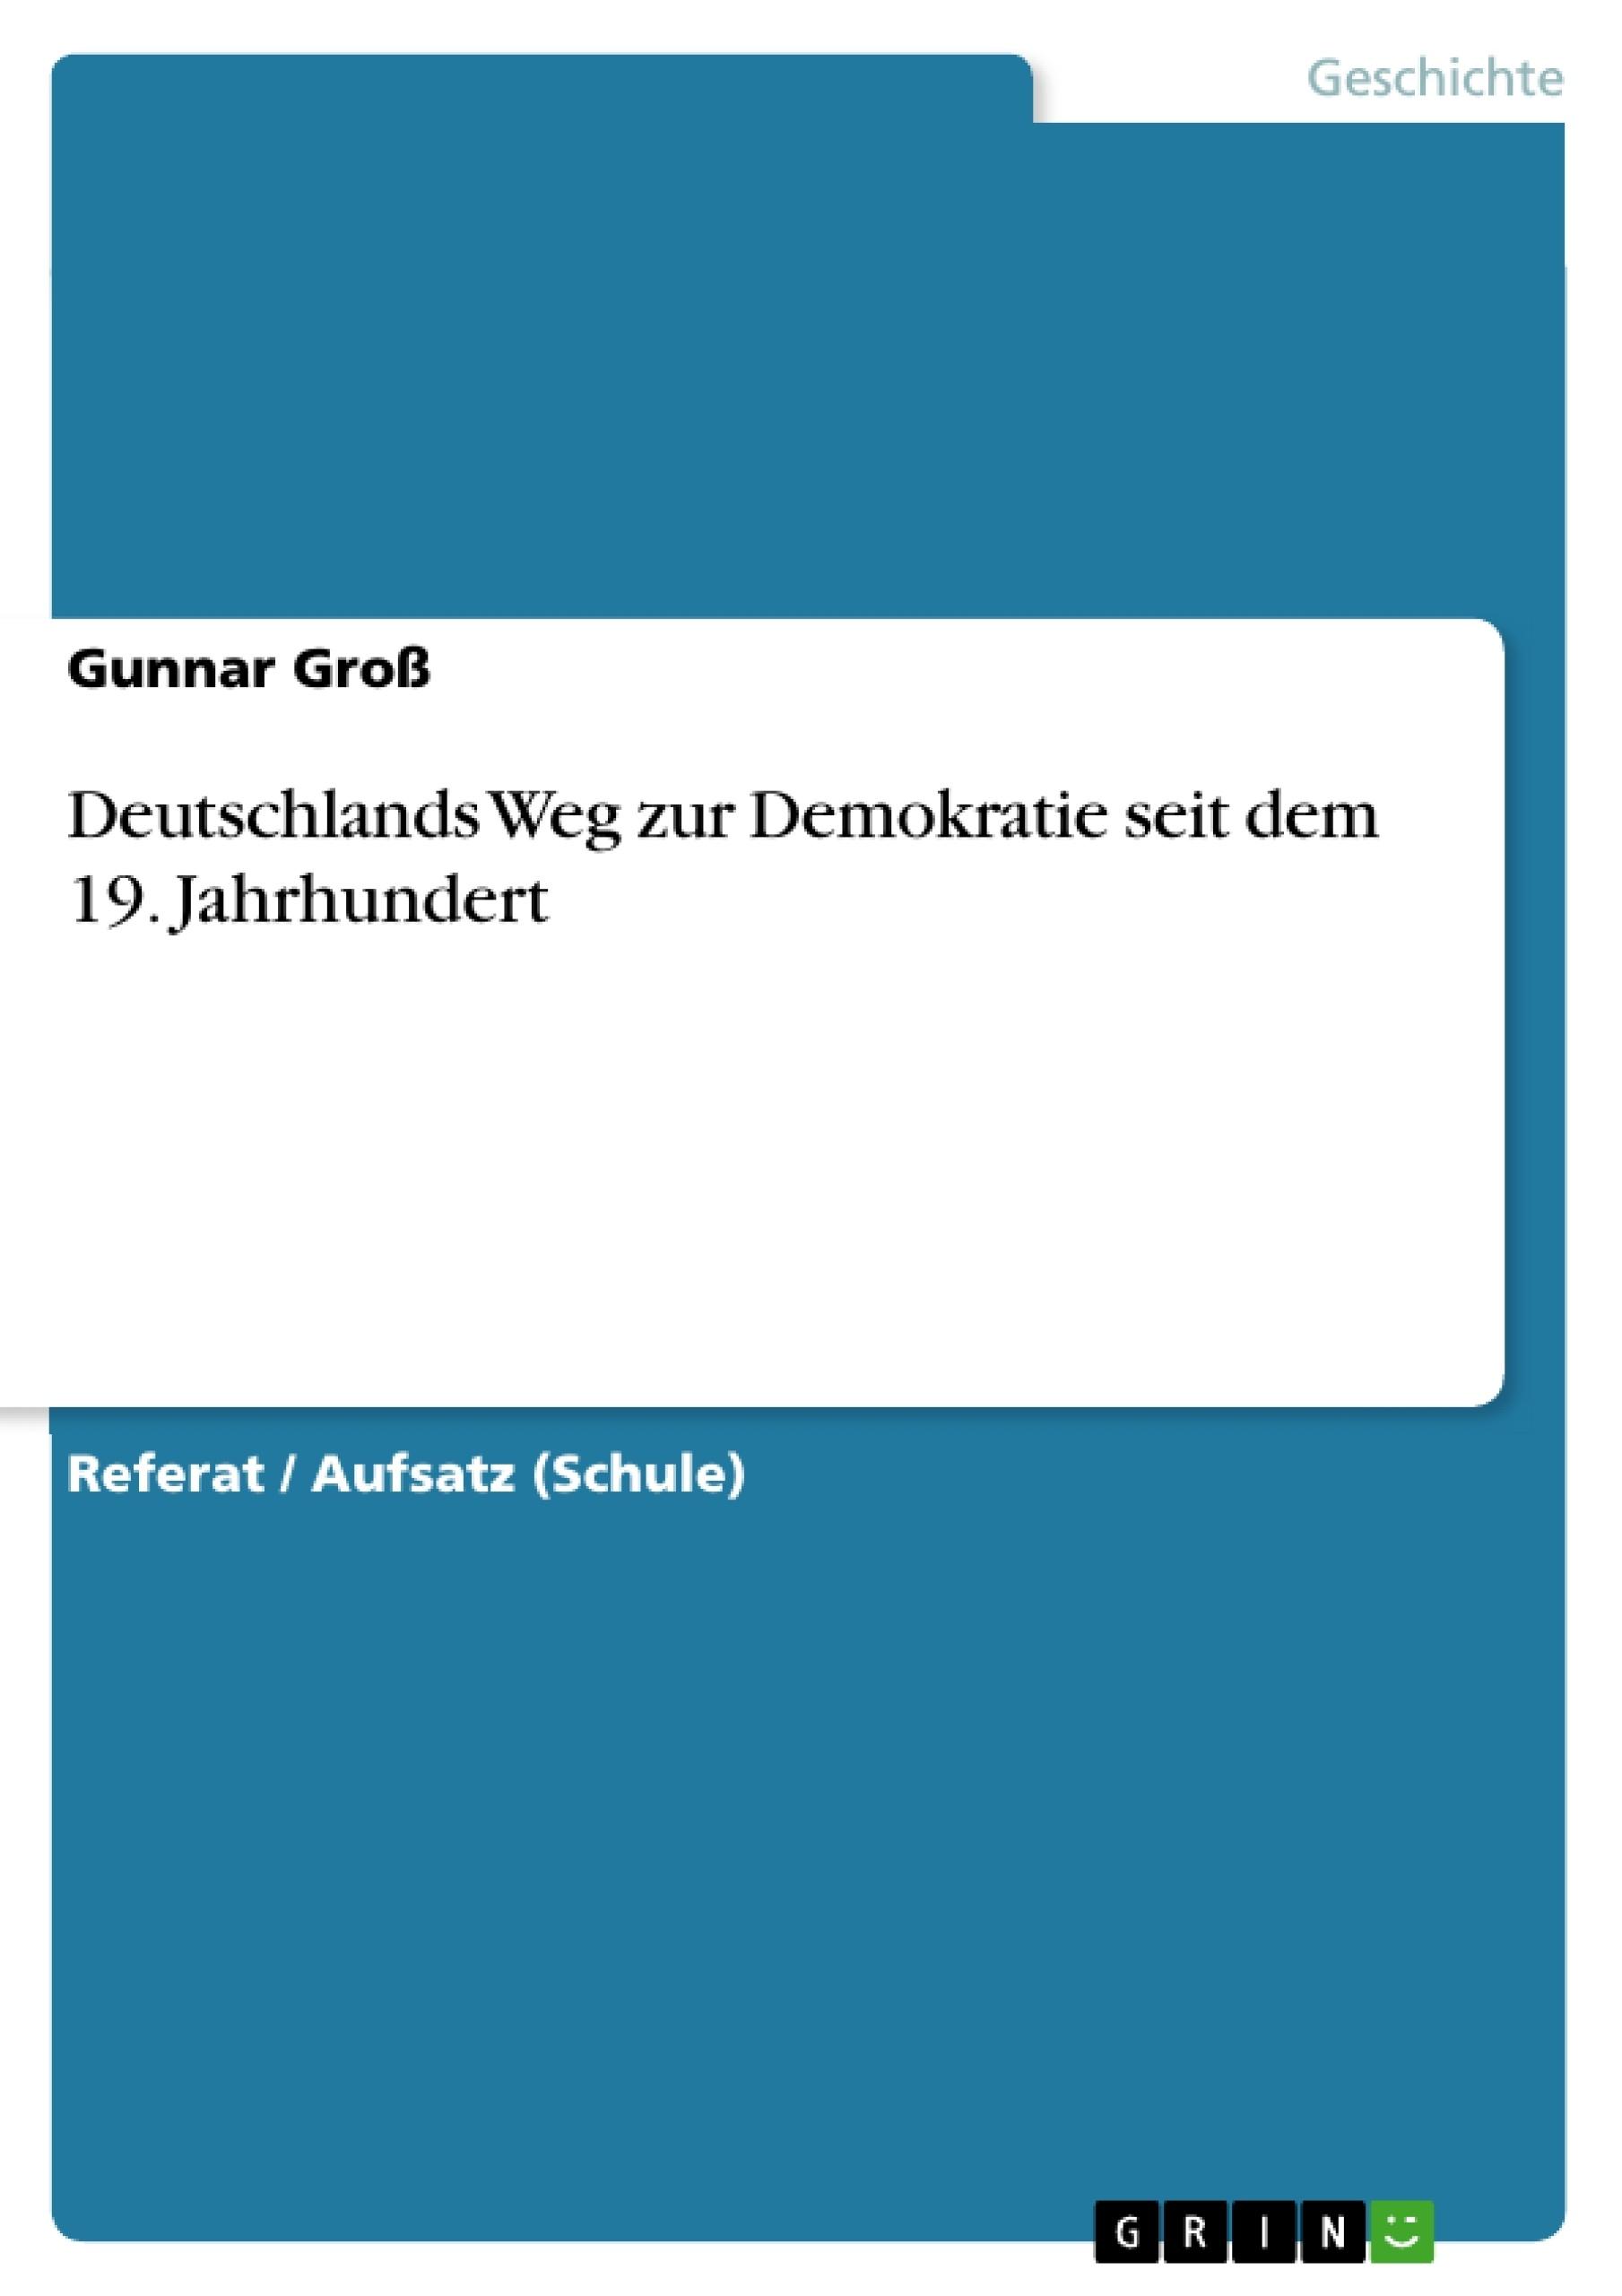 Titel: Deutschlands Weg zur Demokratie seit dem 19. Jahrhundert